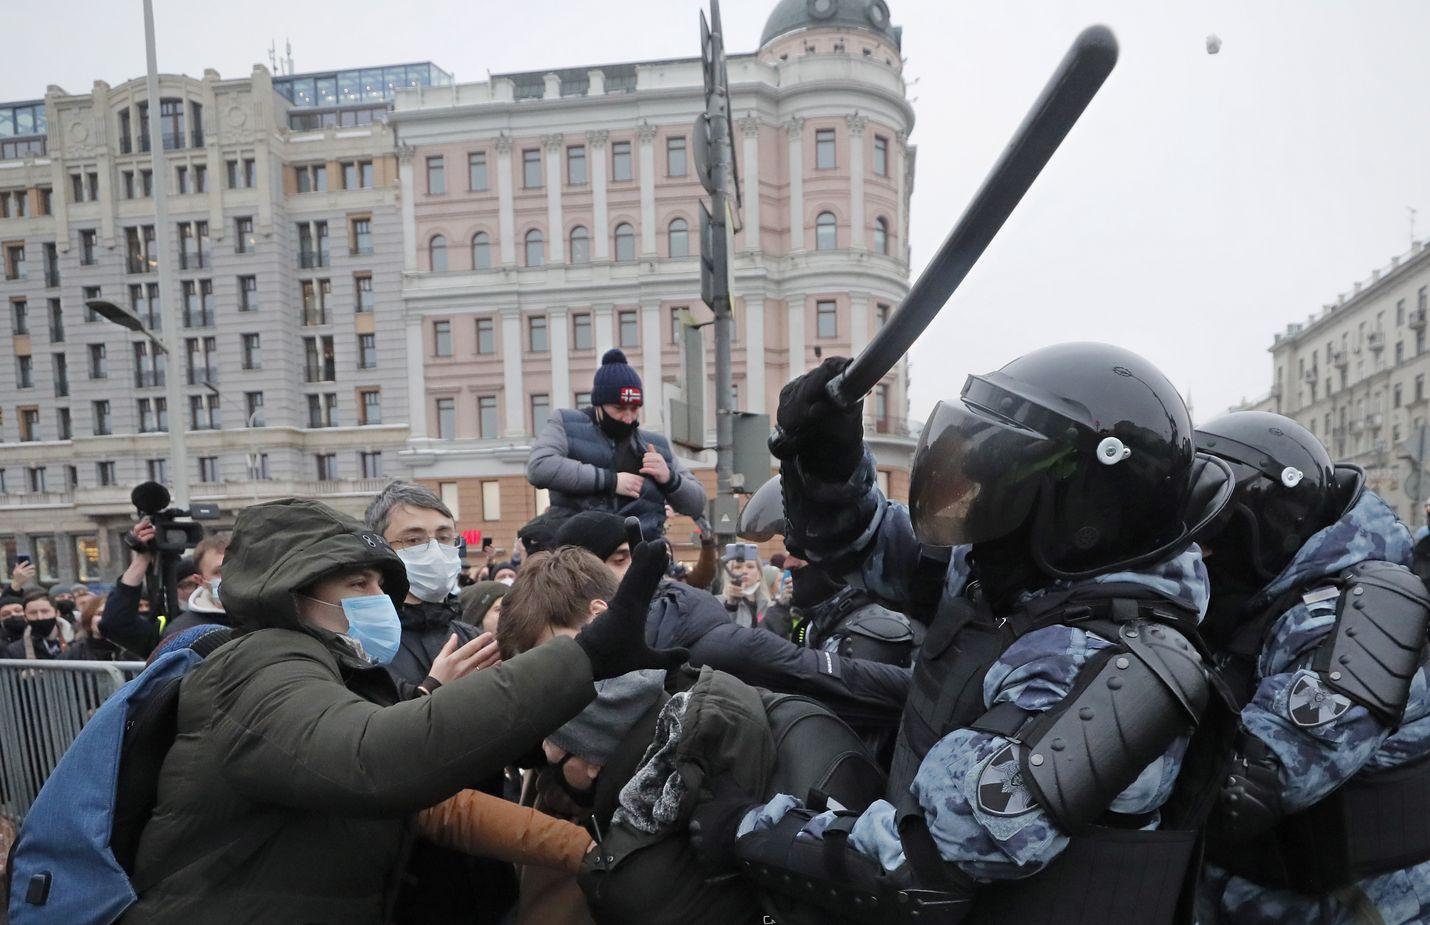 Venäjän poliisin erikoisjoukot iskivät rauhanomaisten mielenosoittajien kimppuun Moskovassa viime lauantaina.